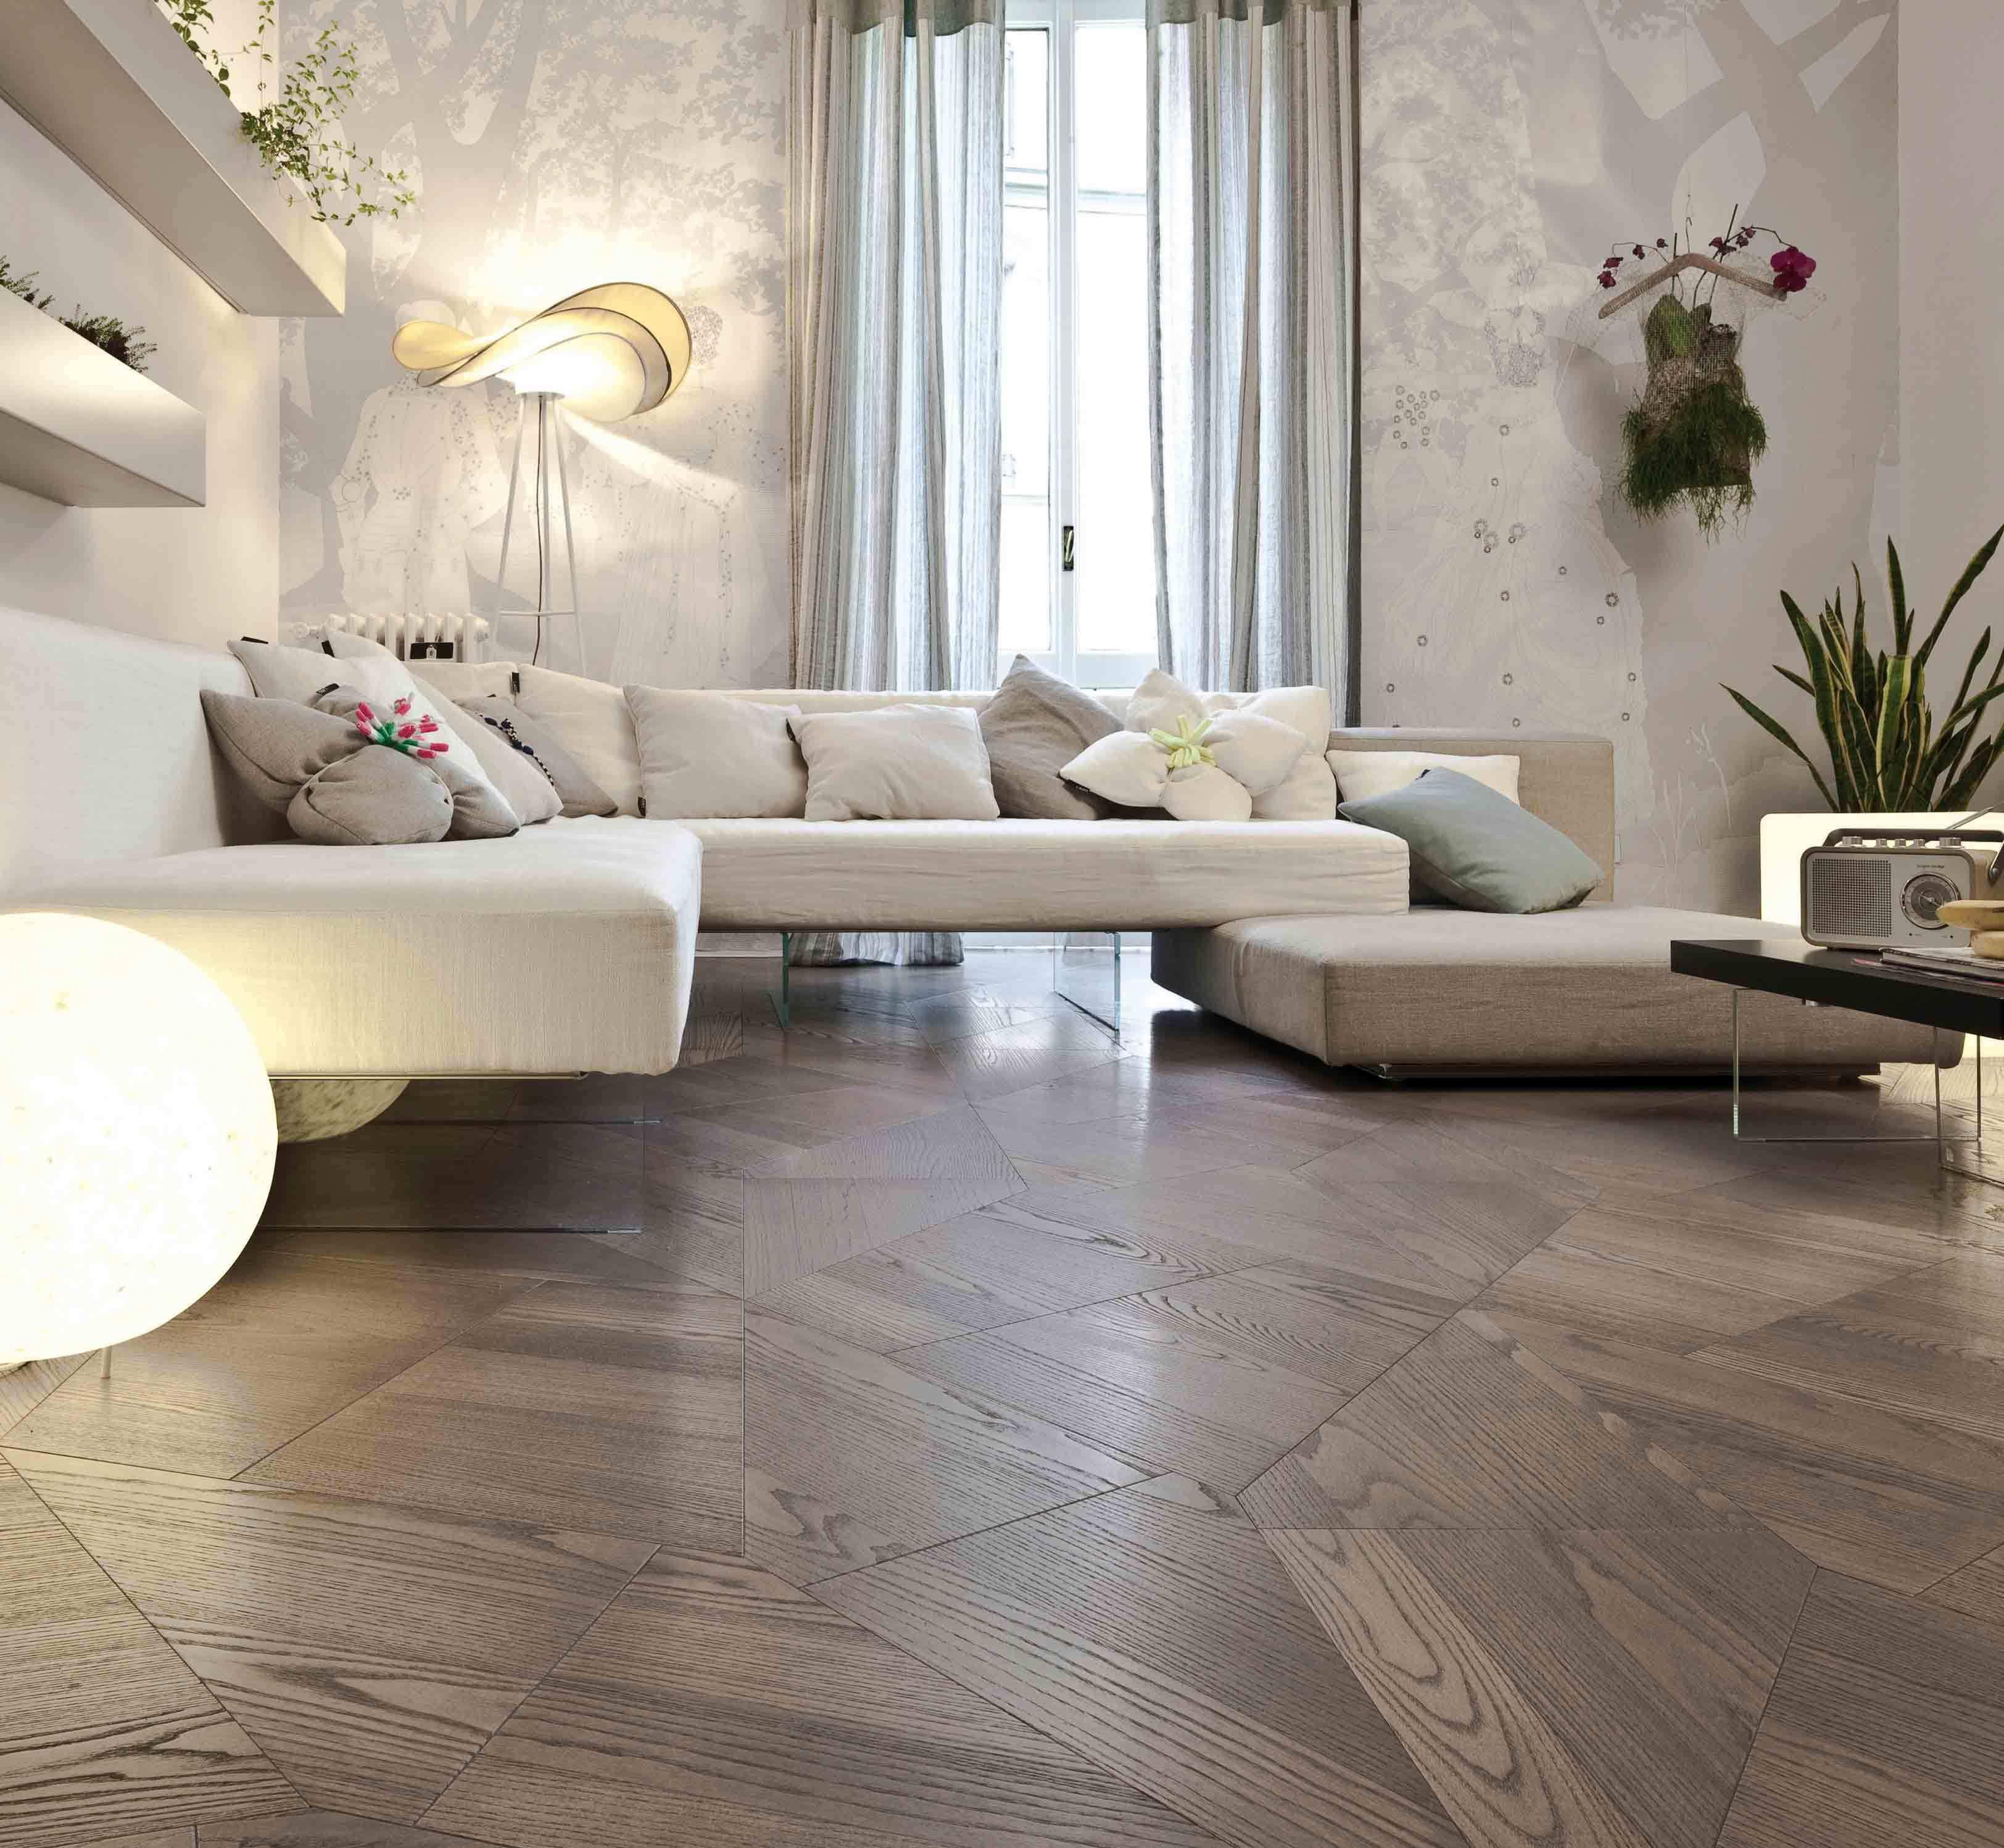 Living Room Salon Blanc Decoration Yuna Feng Shui Avec Images Pose Parquet Mobilier De Salon Mobilier Design